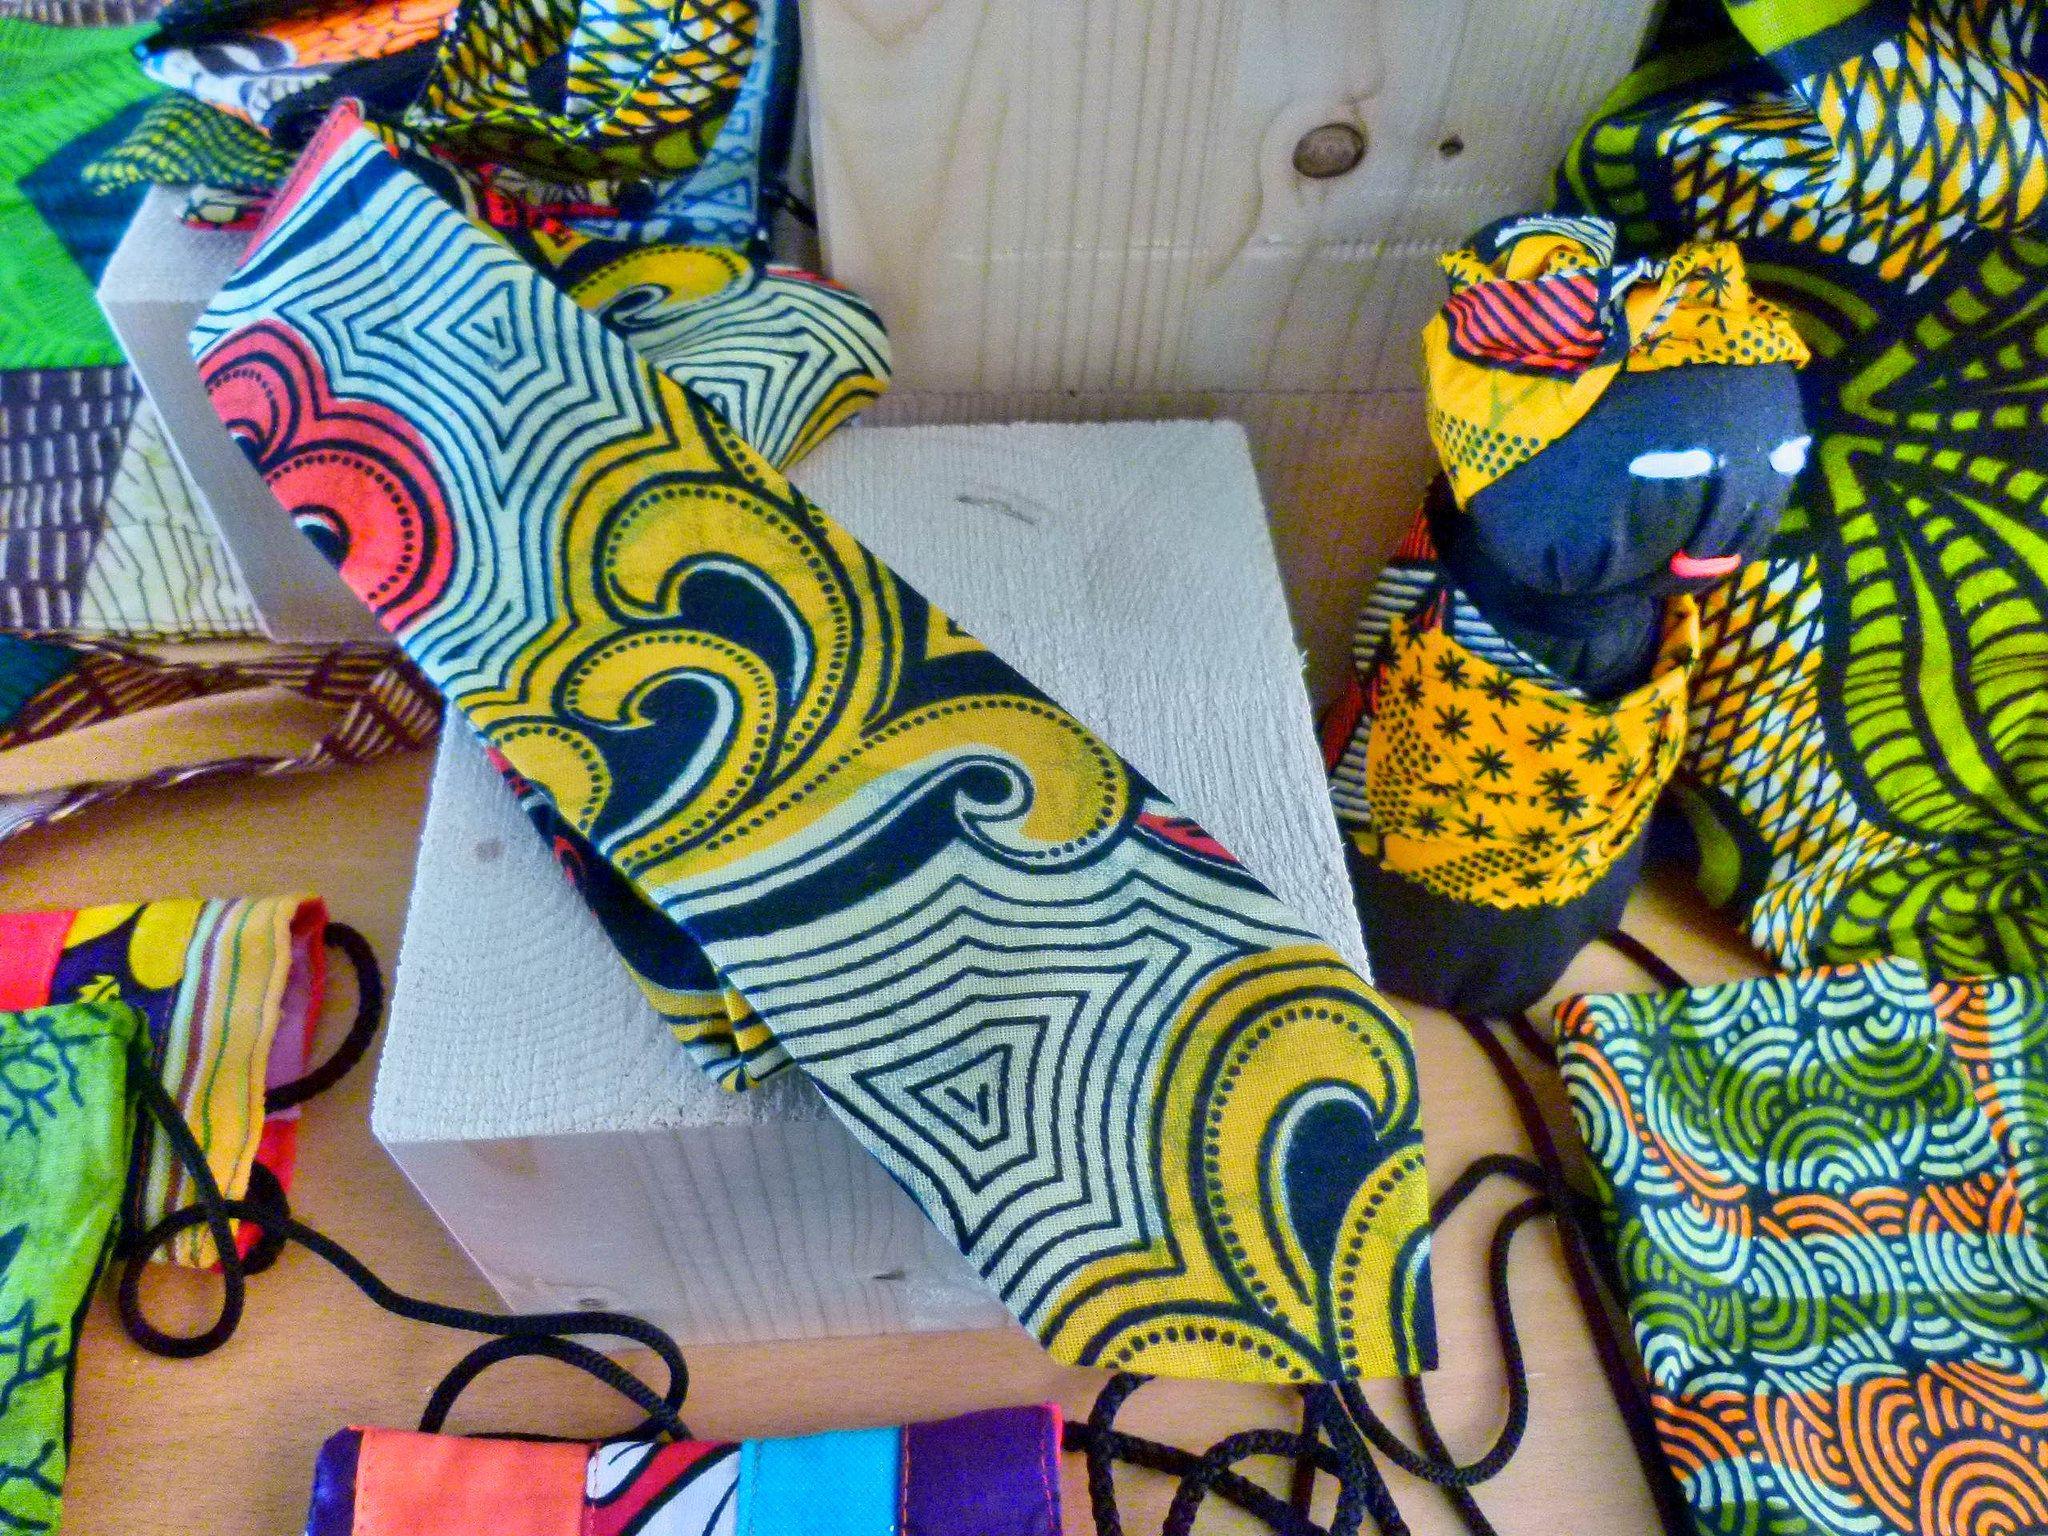 Algunos productos diseñados por Free Design Bank para artesanos de Kenia.